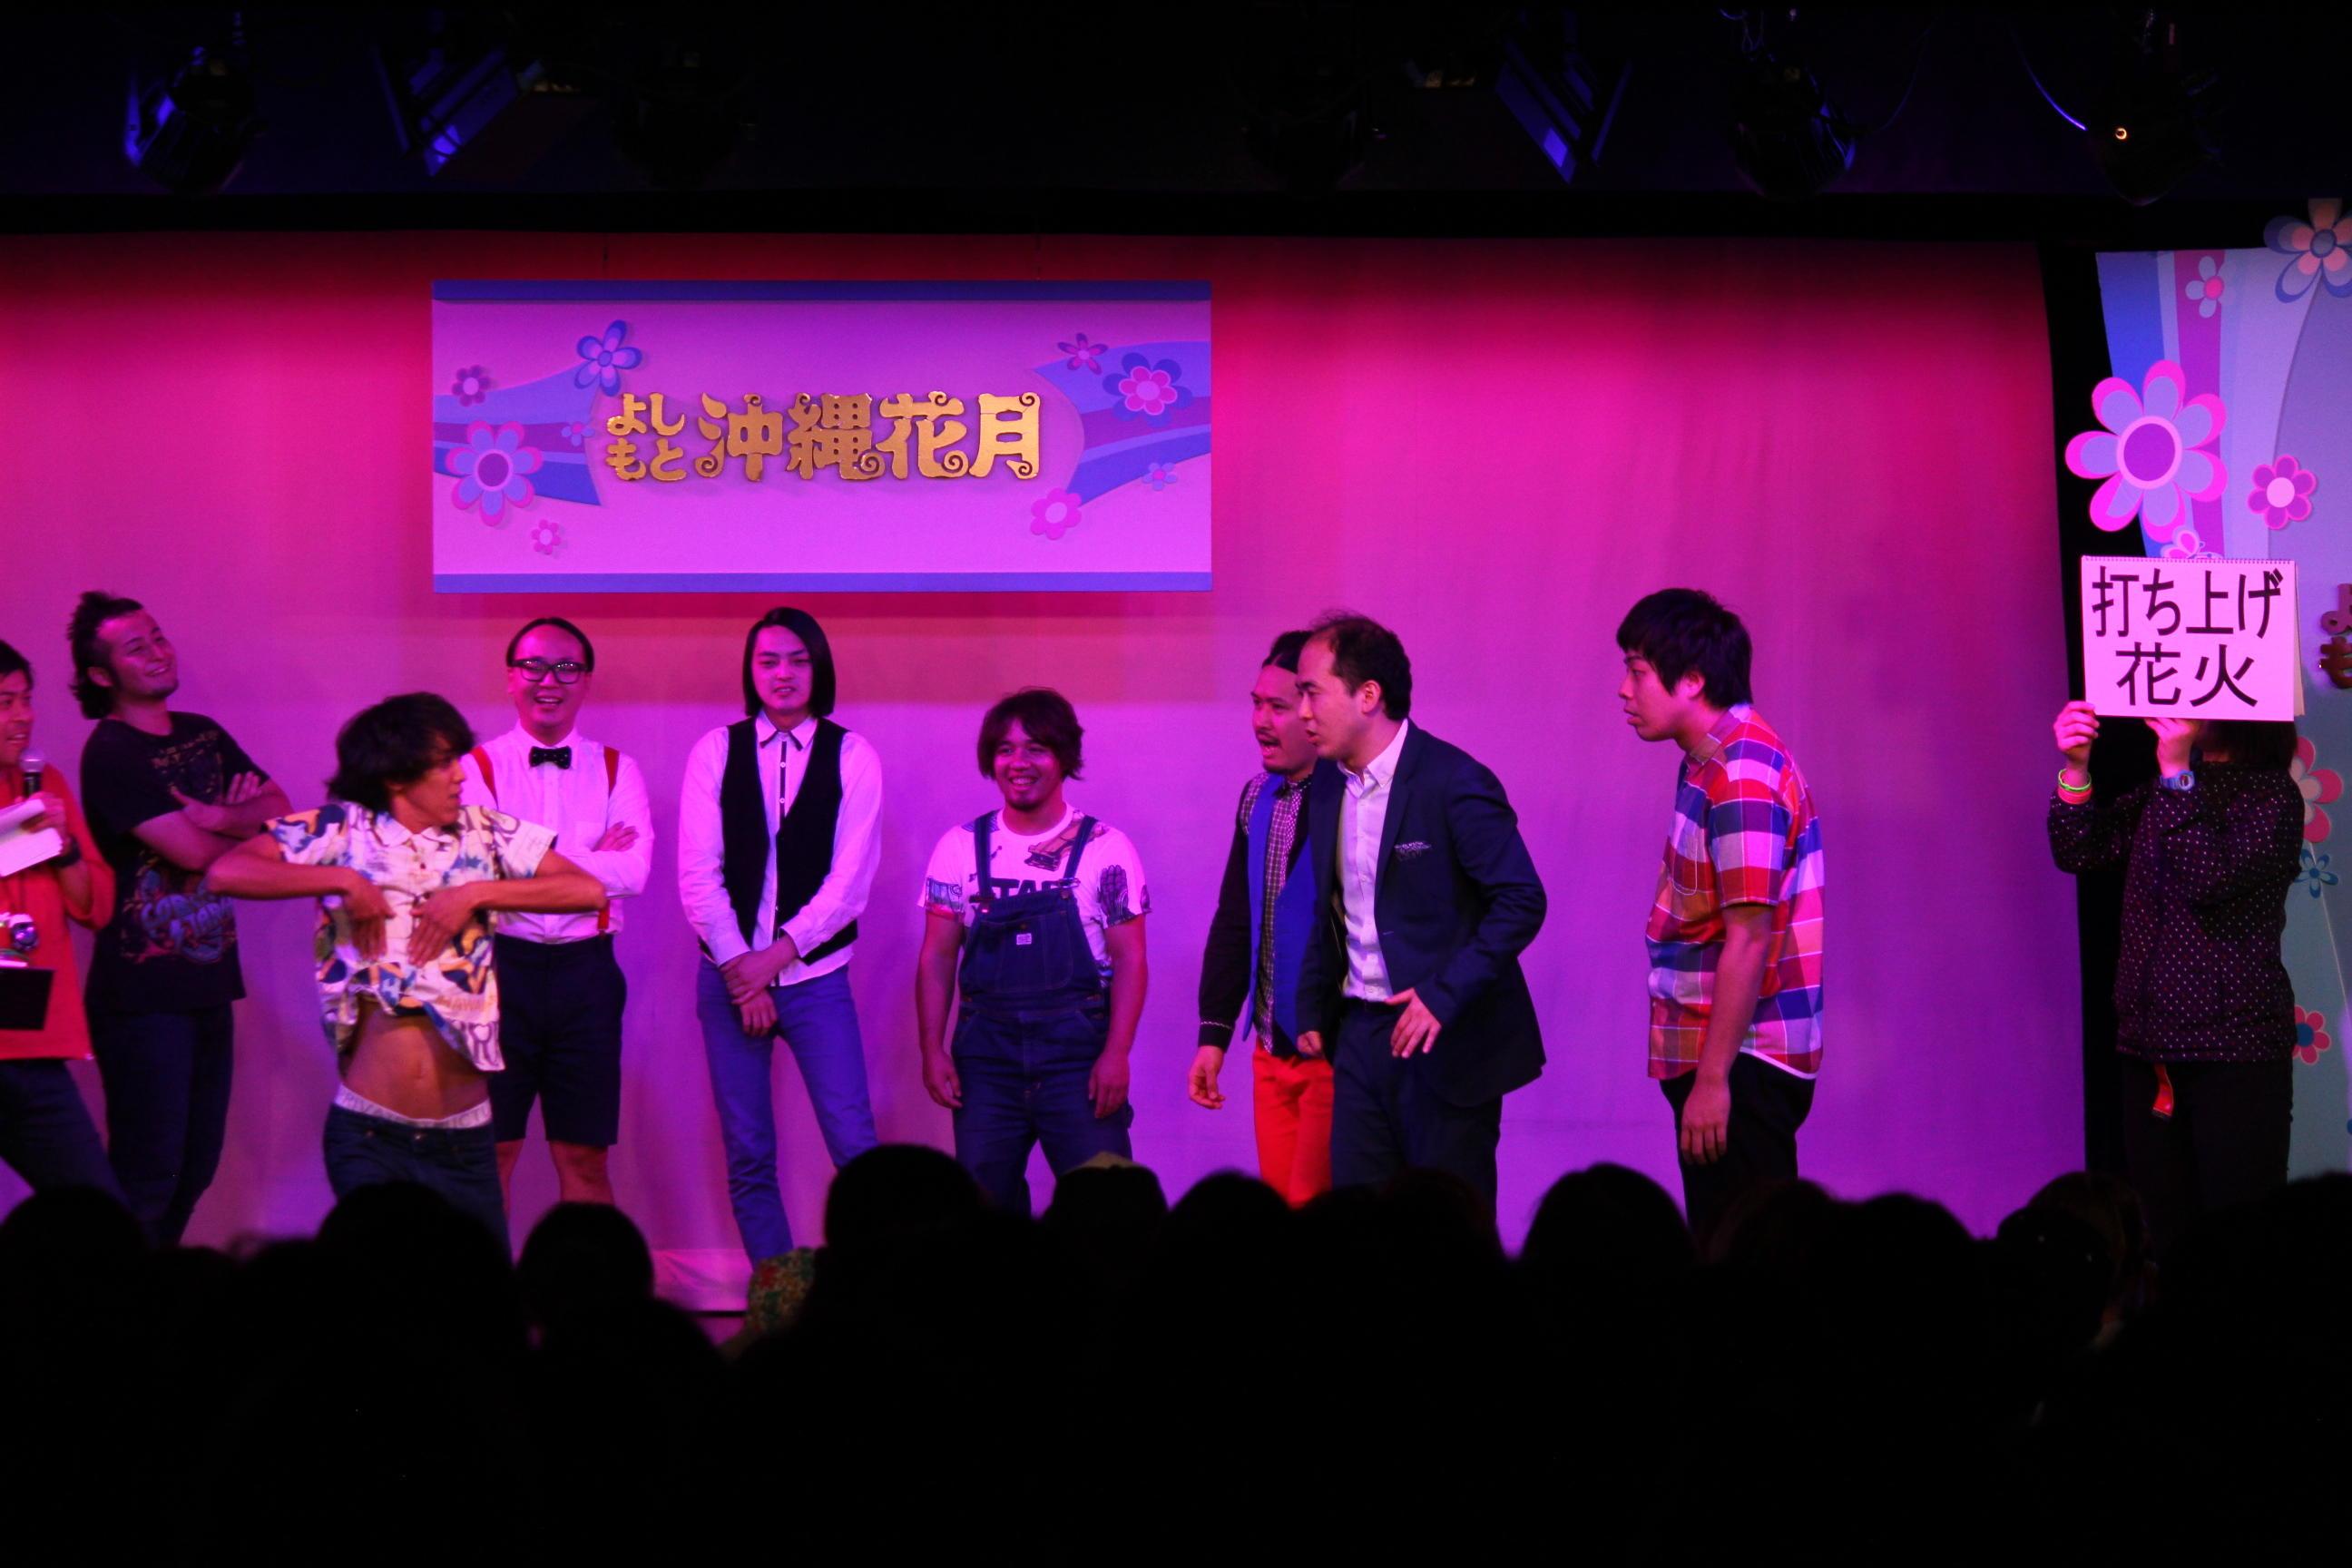 http://news.yoshimoto.co.jp/20151127202347-316ba4c78f81c0562b3ee9bba40bd091ef568767.jpg